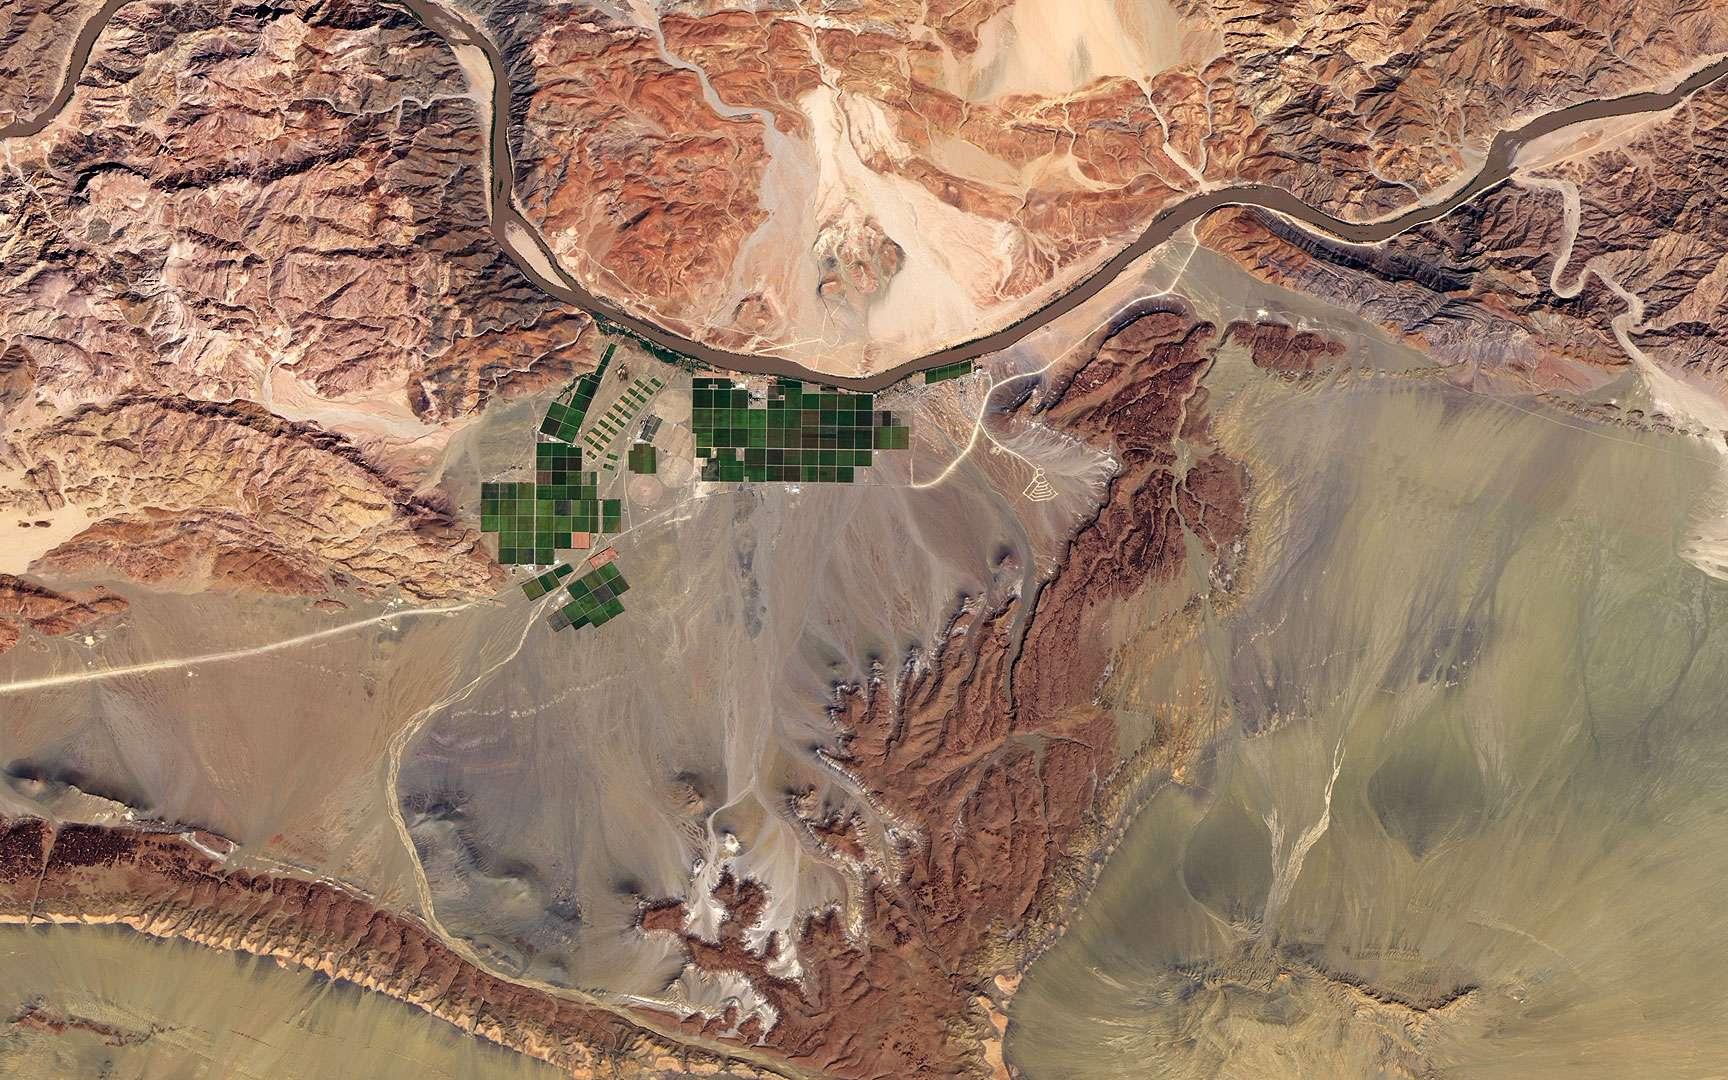 Culture du raisin le long du fleuve Orange. Le fleuve Orange est le plus long fleuve d'Afrique du Sud (2.160 km) et sert en partie de frontière avec la Namibie voisine. À une centaine de kilomètres en amont de l'embouchure vers l'océan Atlantique, des programmes d'irrigation installés sur les rives de l'Orange profitent de cette source d'eau douce ainsi que des riches terres des plaines inondables. Ces rectangles aux différentes nuances de vert contrastent avec le reste du paysage désertique. La Namibie est le pays le plus aride de l'Afrique au sud du désert du Sahara et la majeure partie de son territoire est impropre à l'agriculture. C'est la culture du raisin qui domine dans cette région. Les conditions climatiques locales permettent au raisin de Namibie d'être récoltable deux à trois semaines avant celui qui est produit dans la région du Cap en Afrique du Sud. Remarque : rotation de l'image 90° à droite. © Nasa